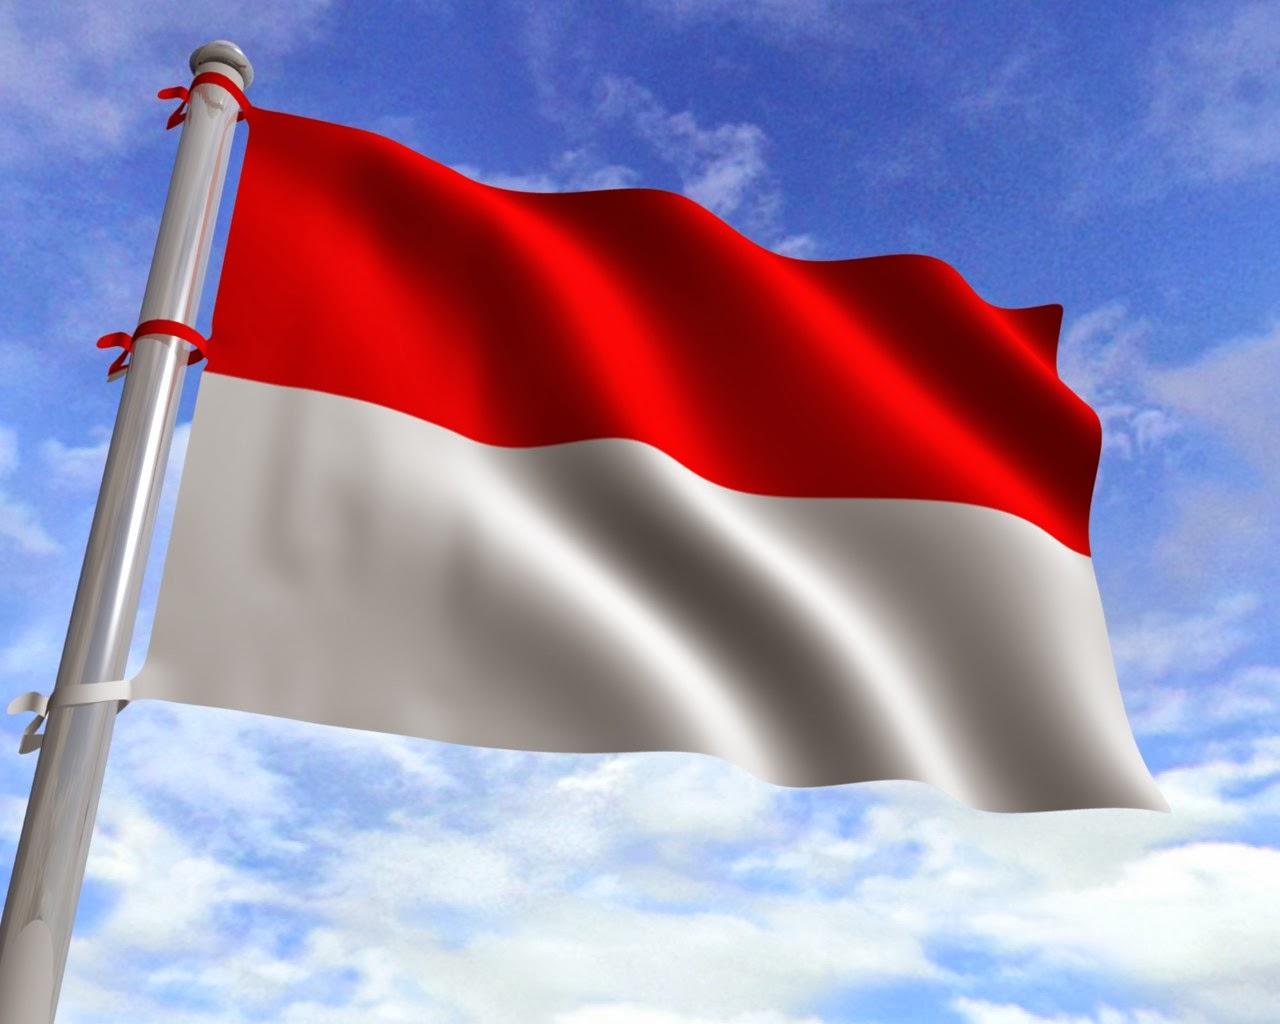 gambar+bendera+indonnesia+7 Perbedaan SUKA, SAYANG dan CINTA by Soalremaja.Com